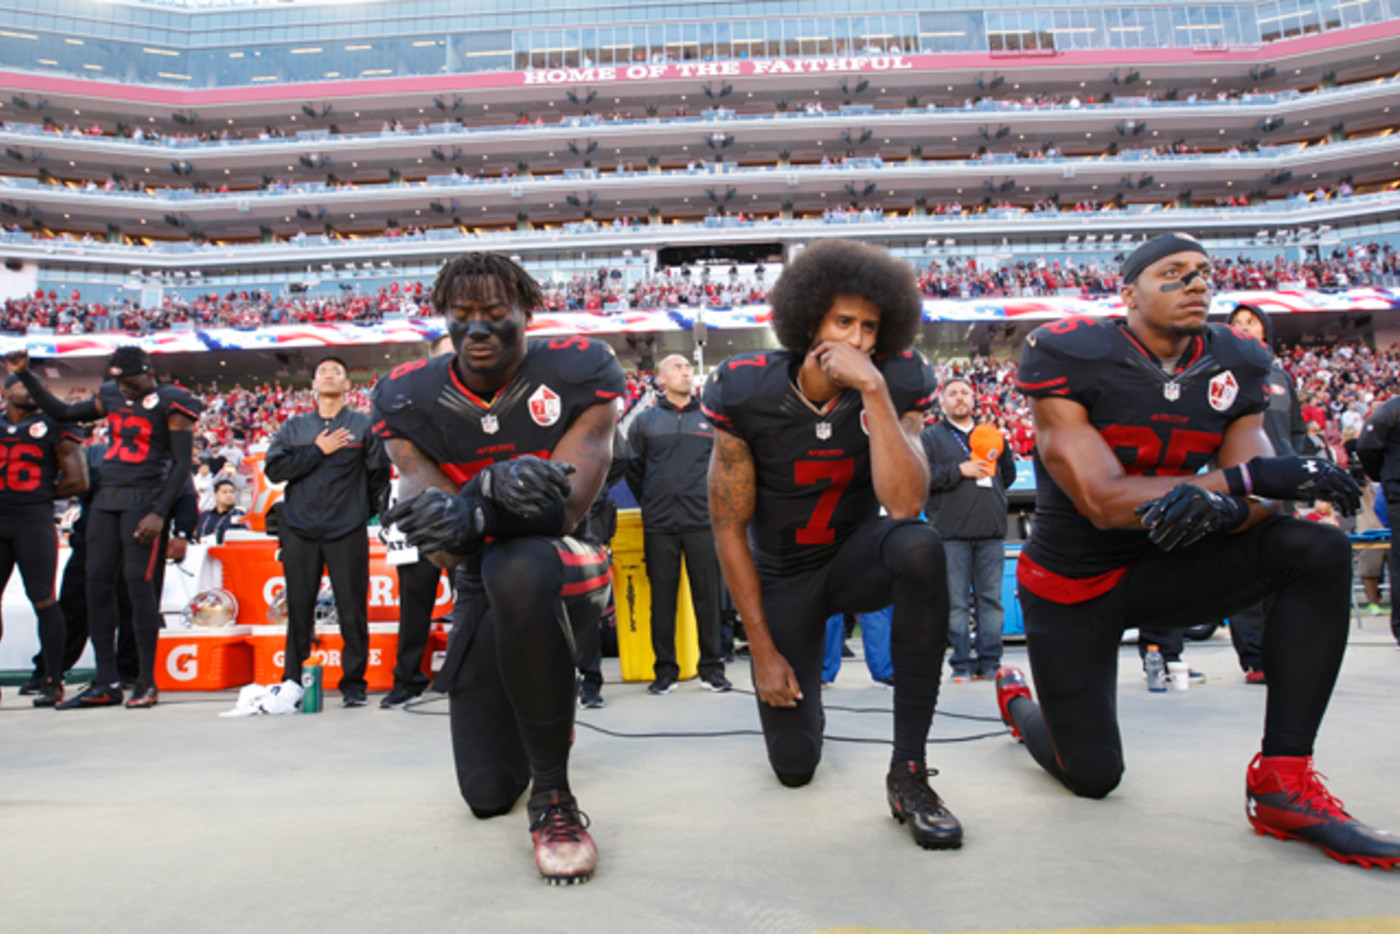 Eli Harold, Colin Kaepernick, and Eric Reid kneel on the sideline